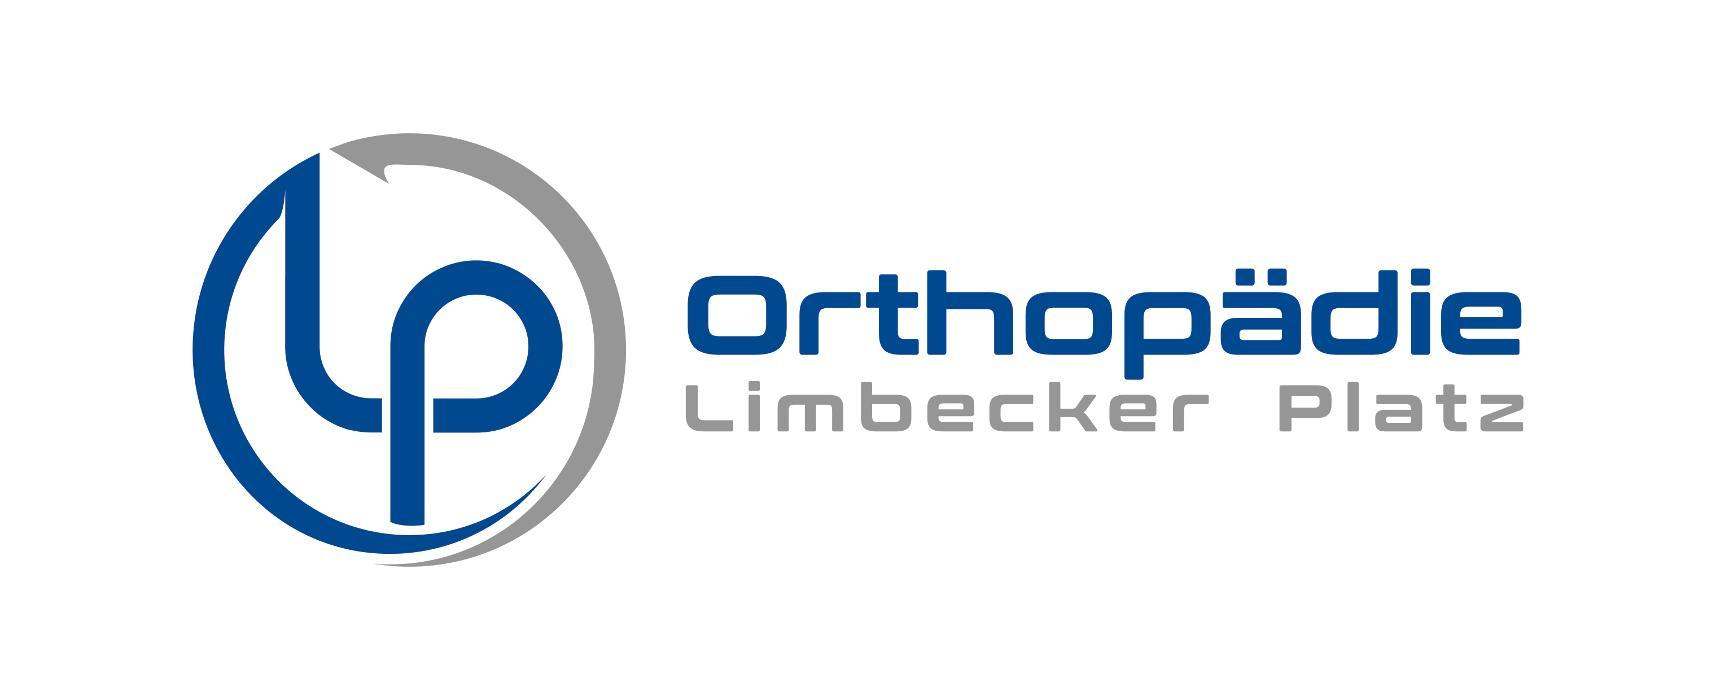 Bild zu Orthopädie Limbecker Platz in Essen